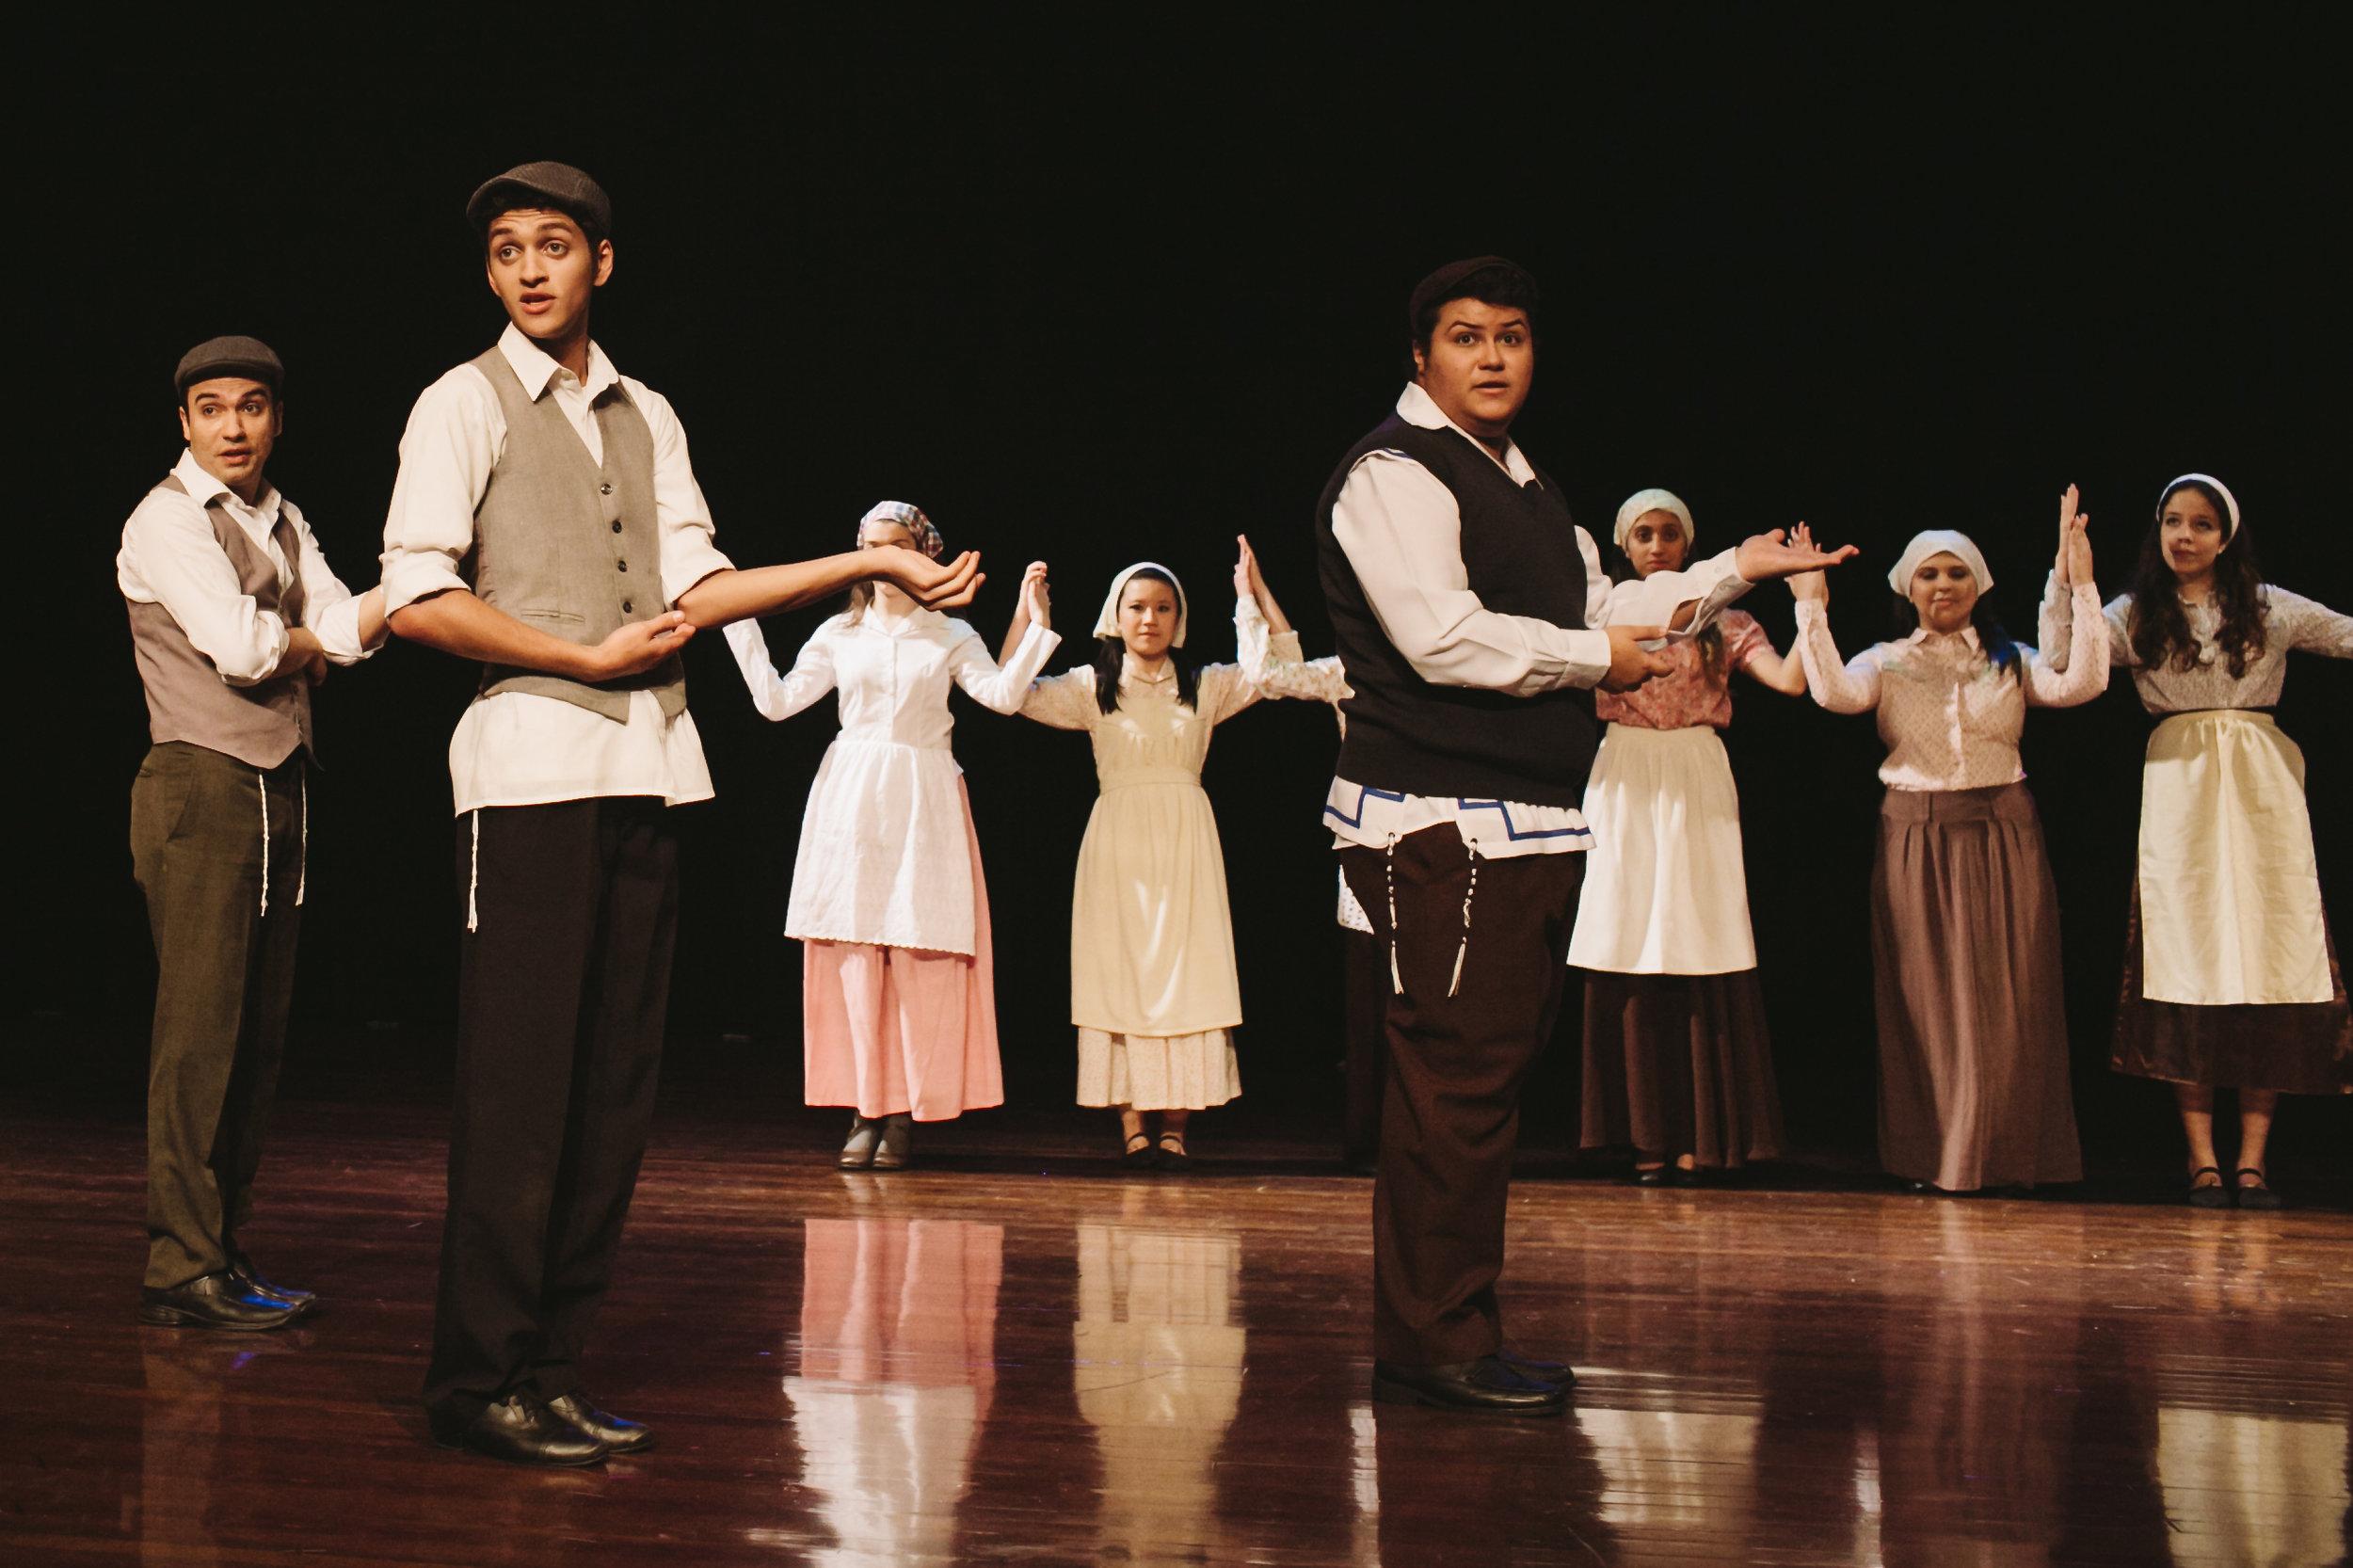 224_PRINT © Elisenda Llinares para Cia. de Teatro Musical Tatiana Gurgel.jpg